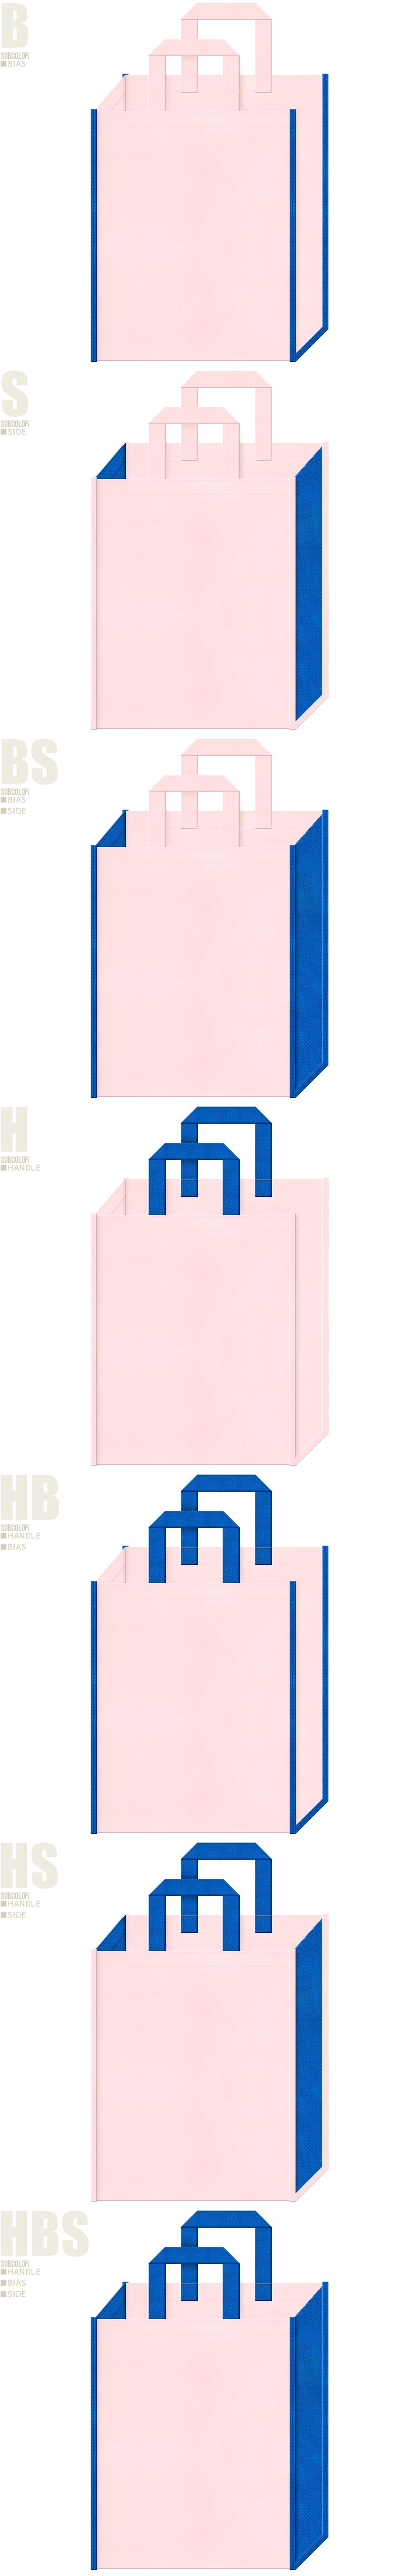 不織布バッグのデザイン:不織布メインカラーNo.26+サブカラーNo.22の2色7パターン